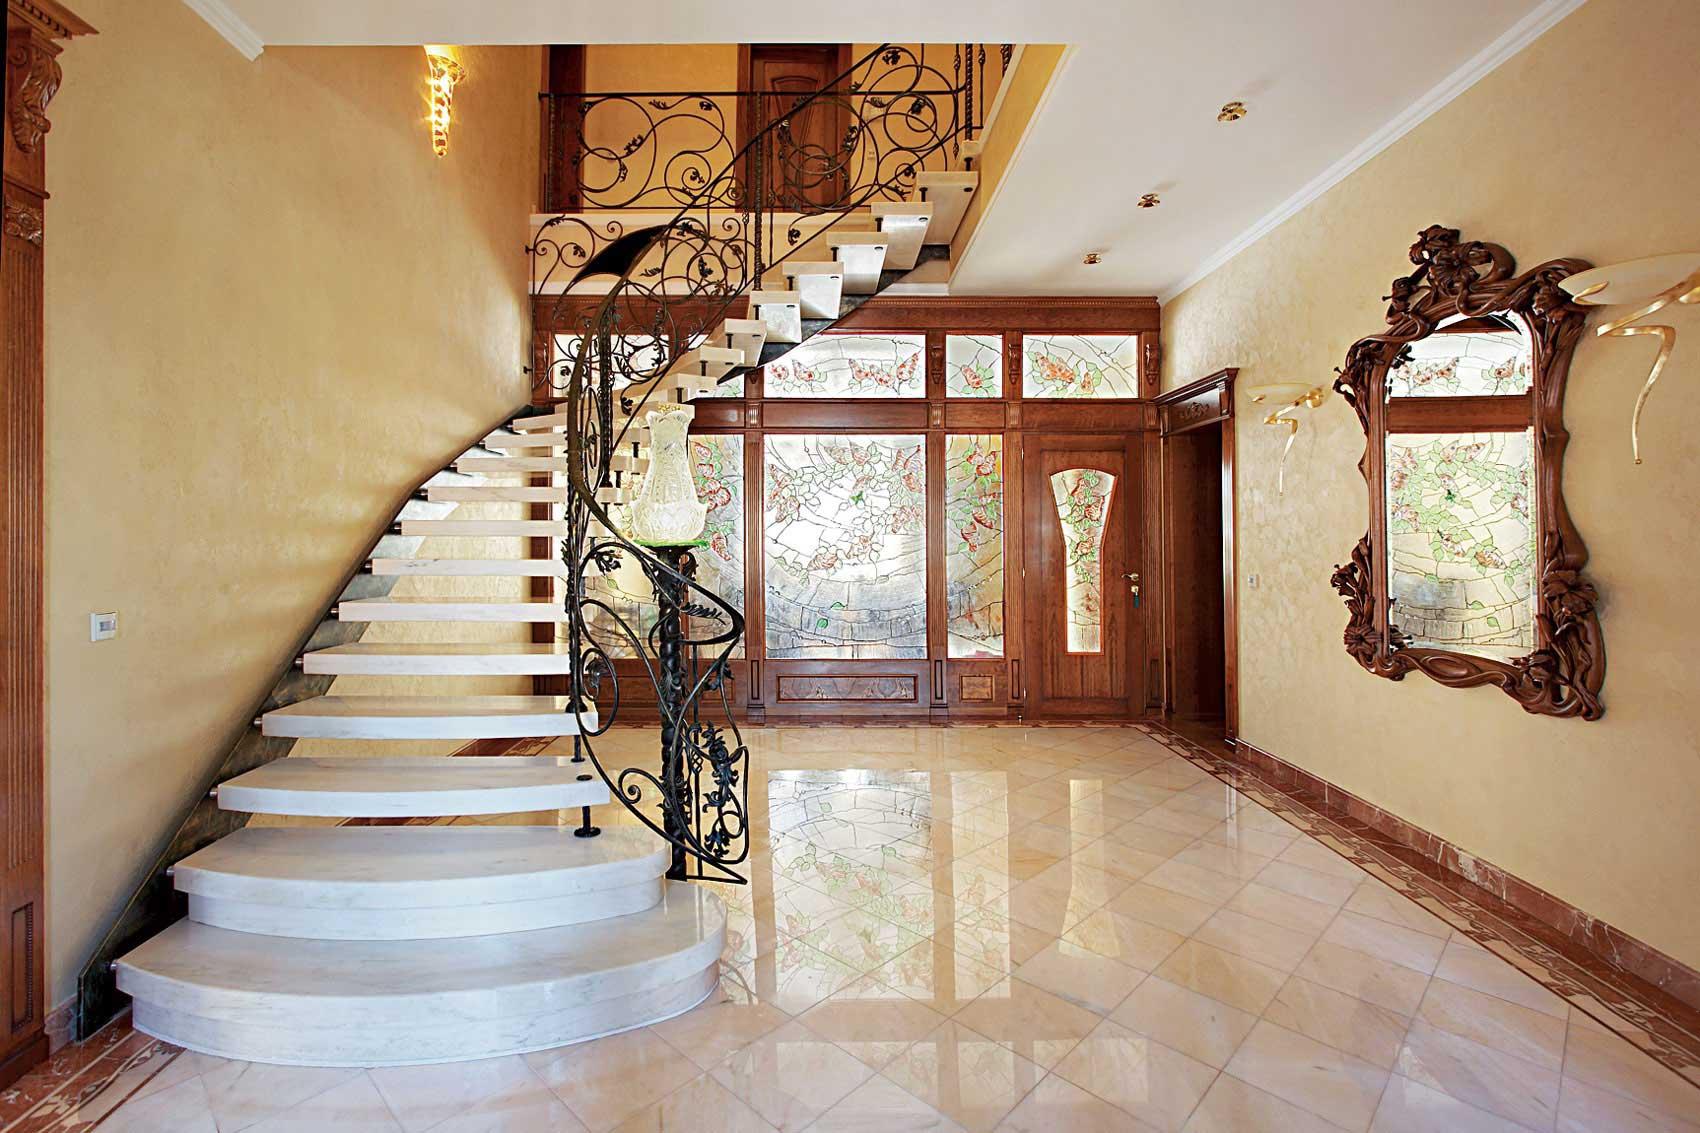 Изделия с коваными элементами отражают мощь и красоту интерьера